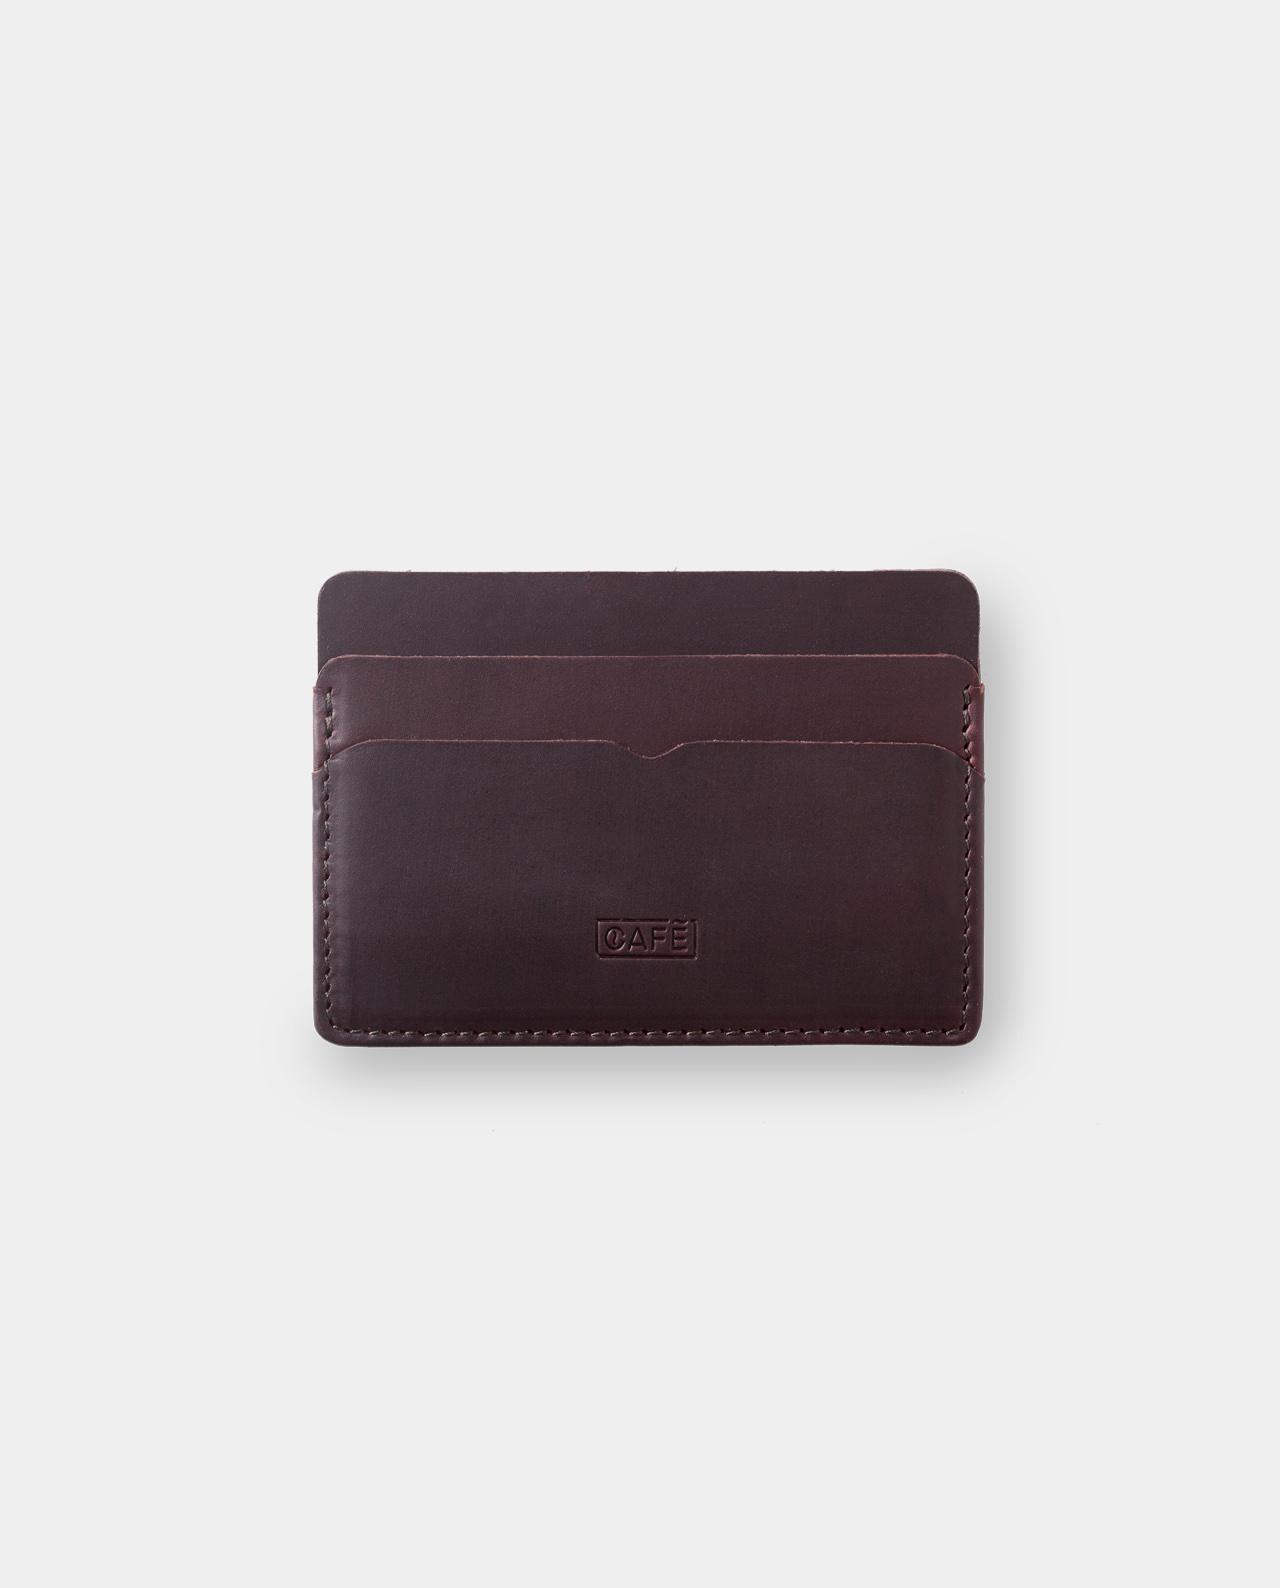 card holder black front